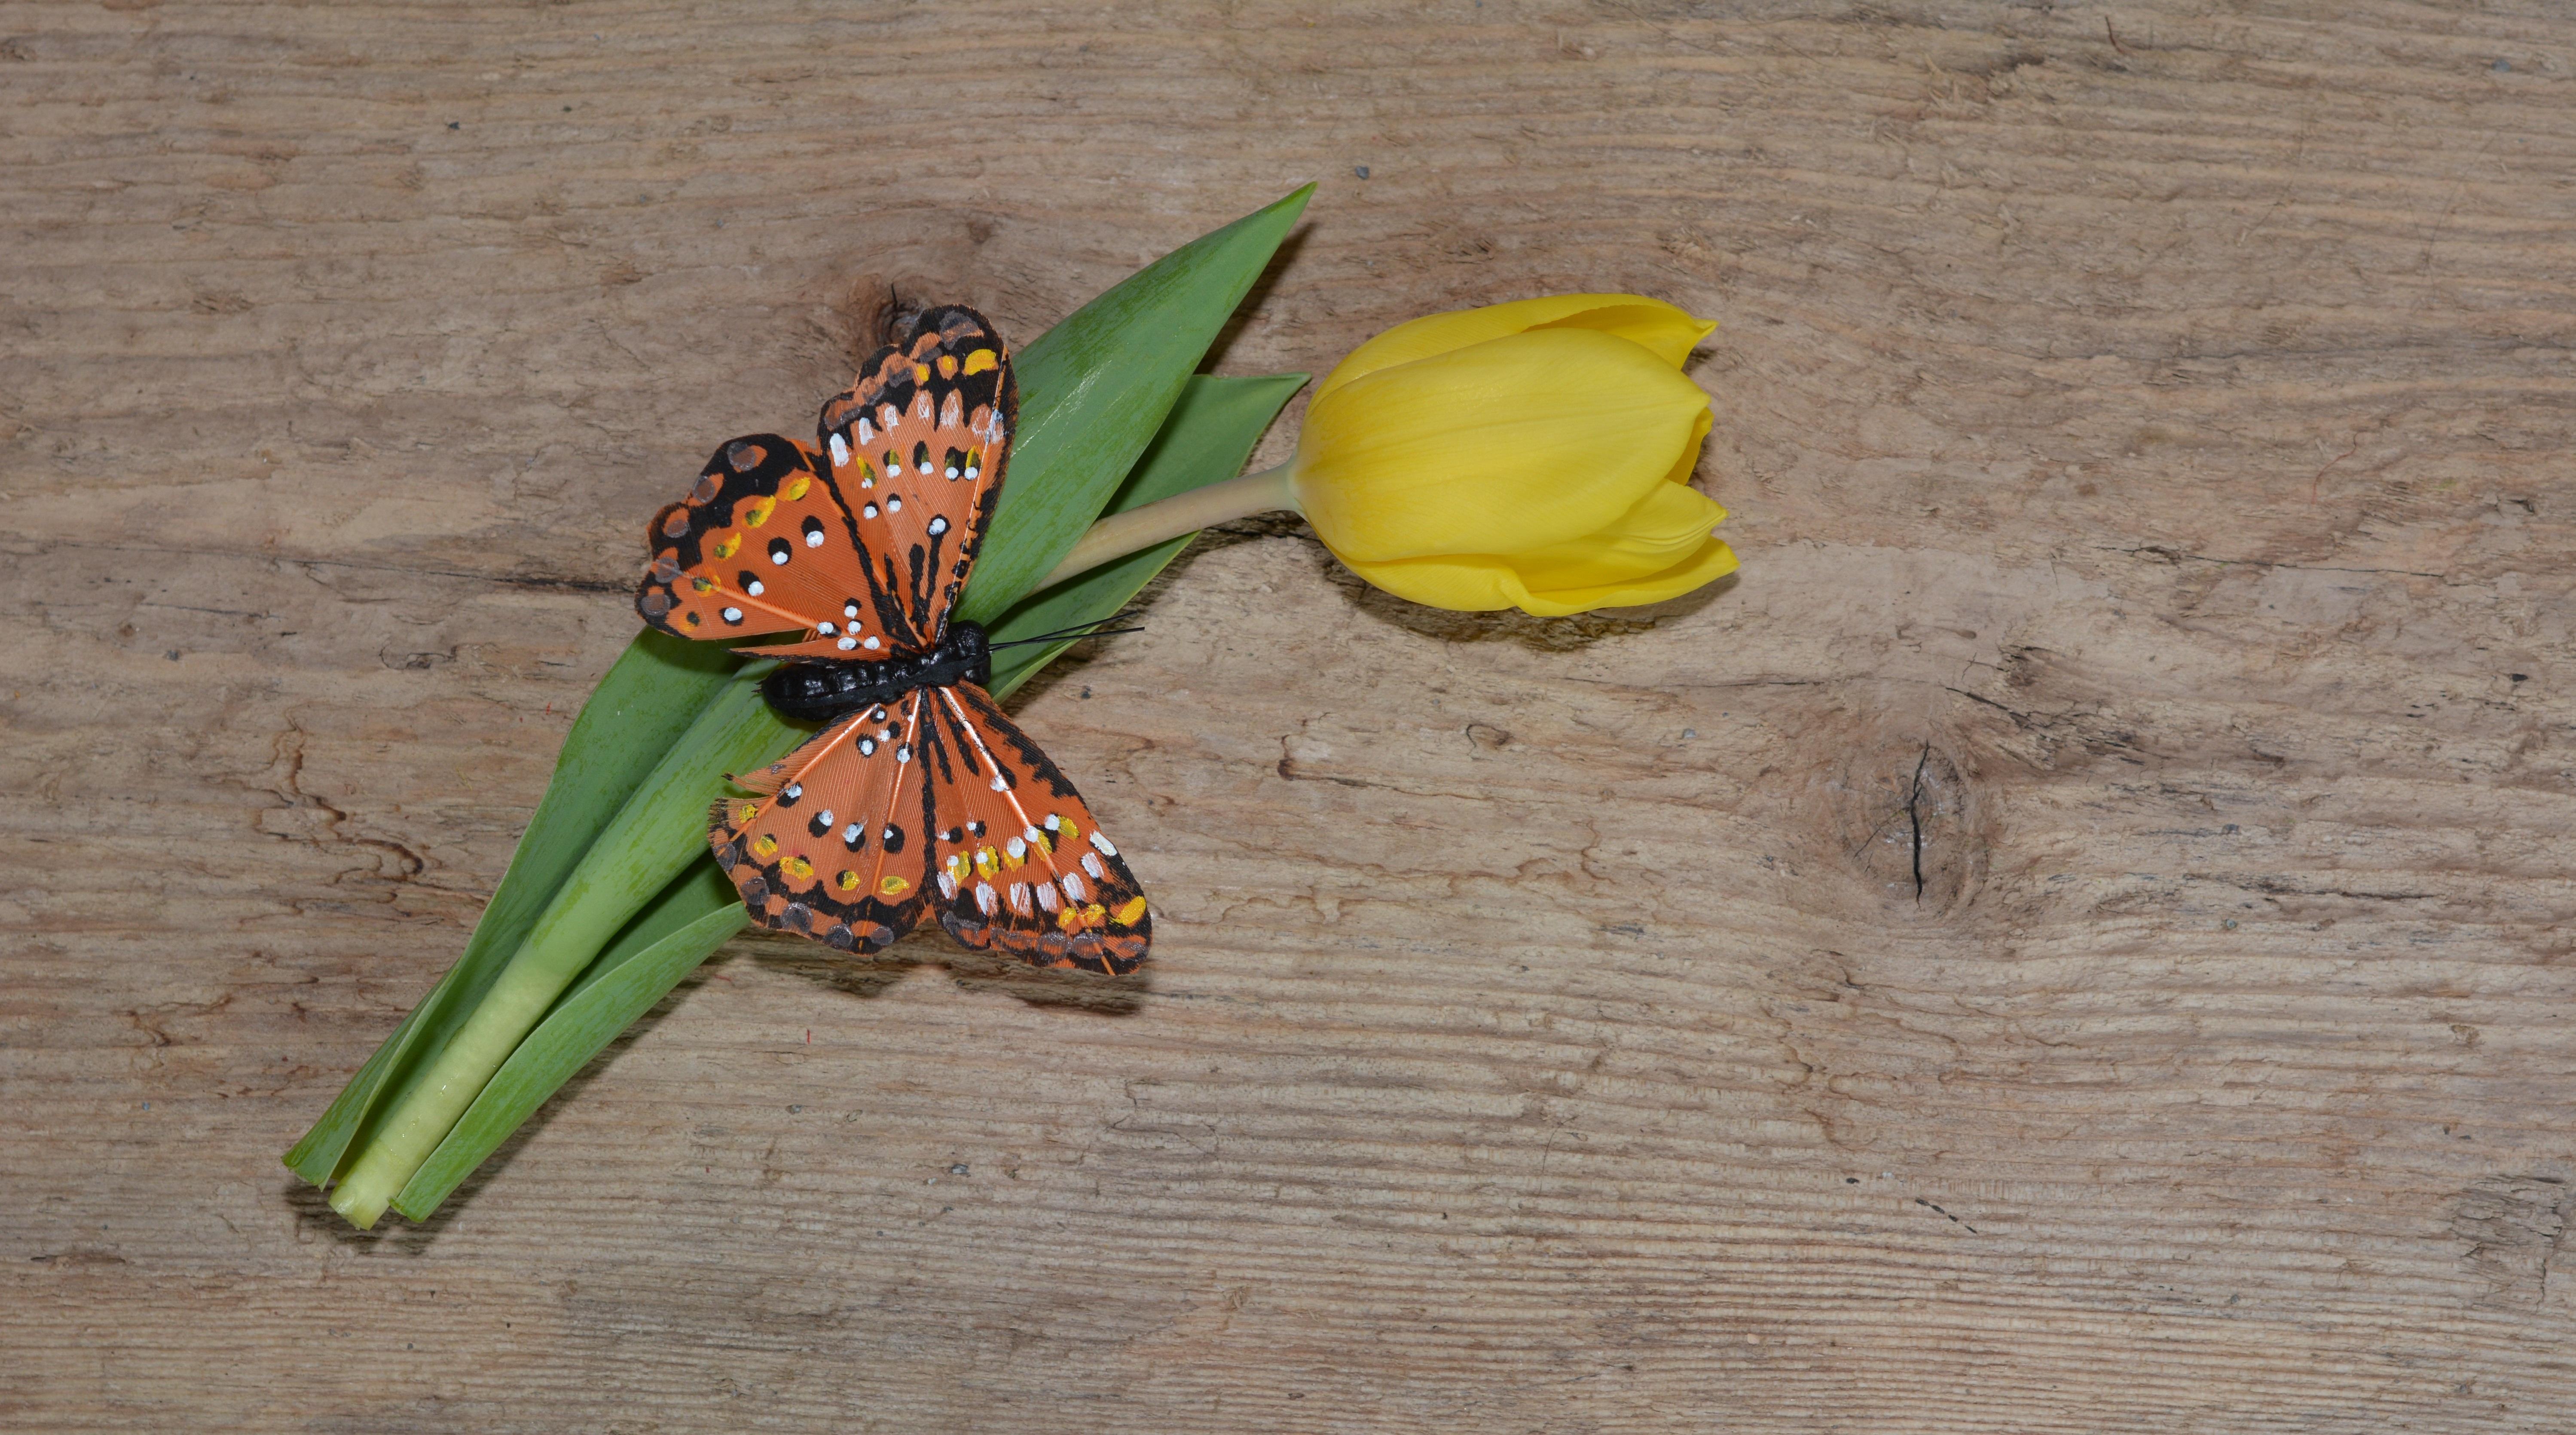 Fotos Gratis Madera Hoja Tulip N Verde Insecto Mariposa  ~ Como Son Las Polillas De La Madera